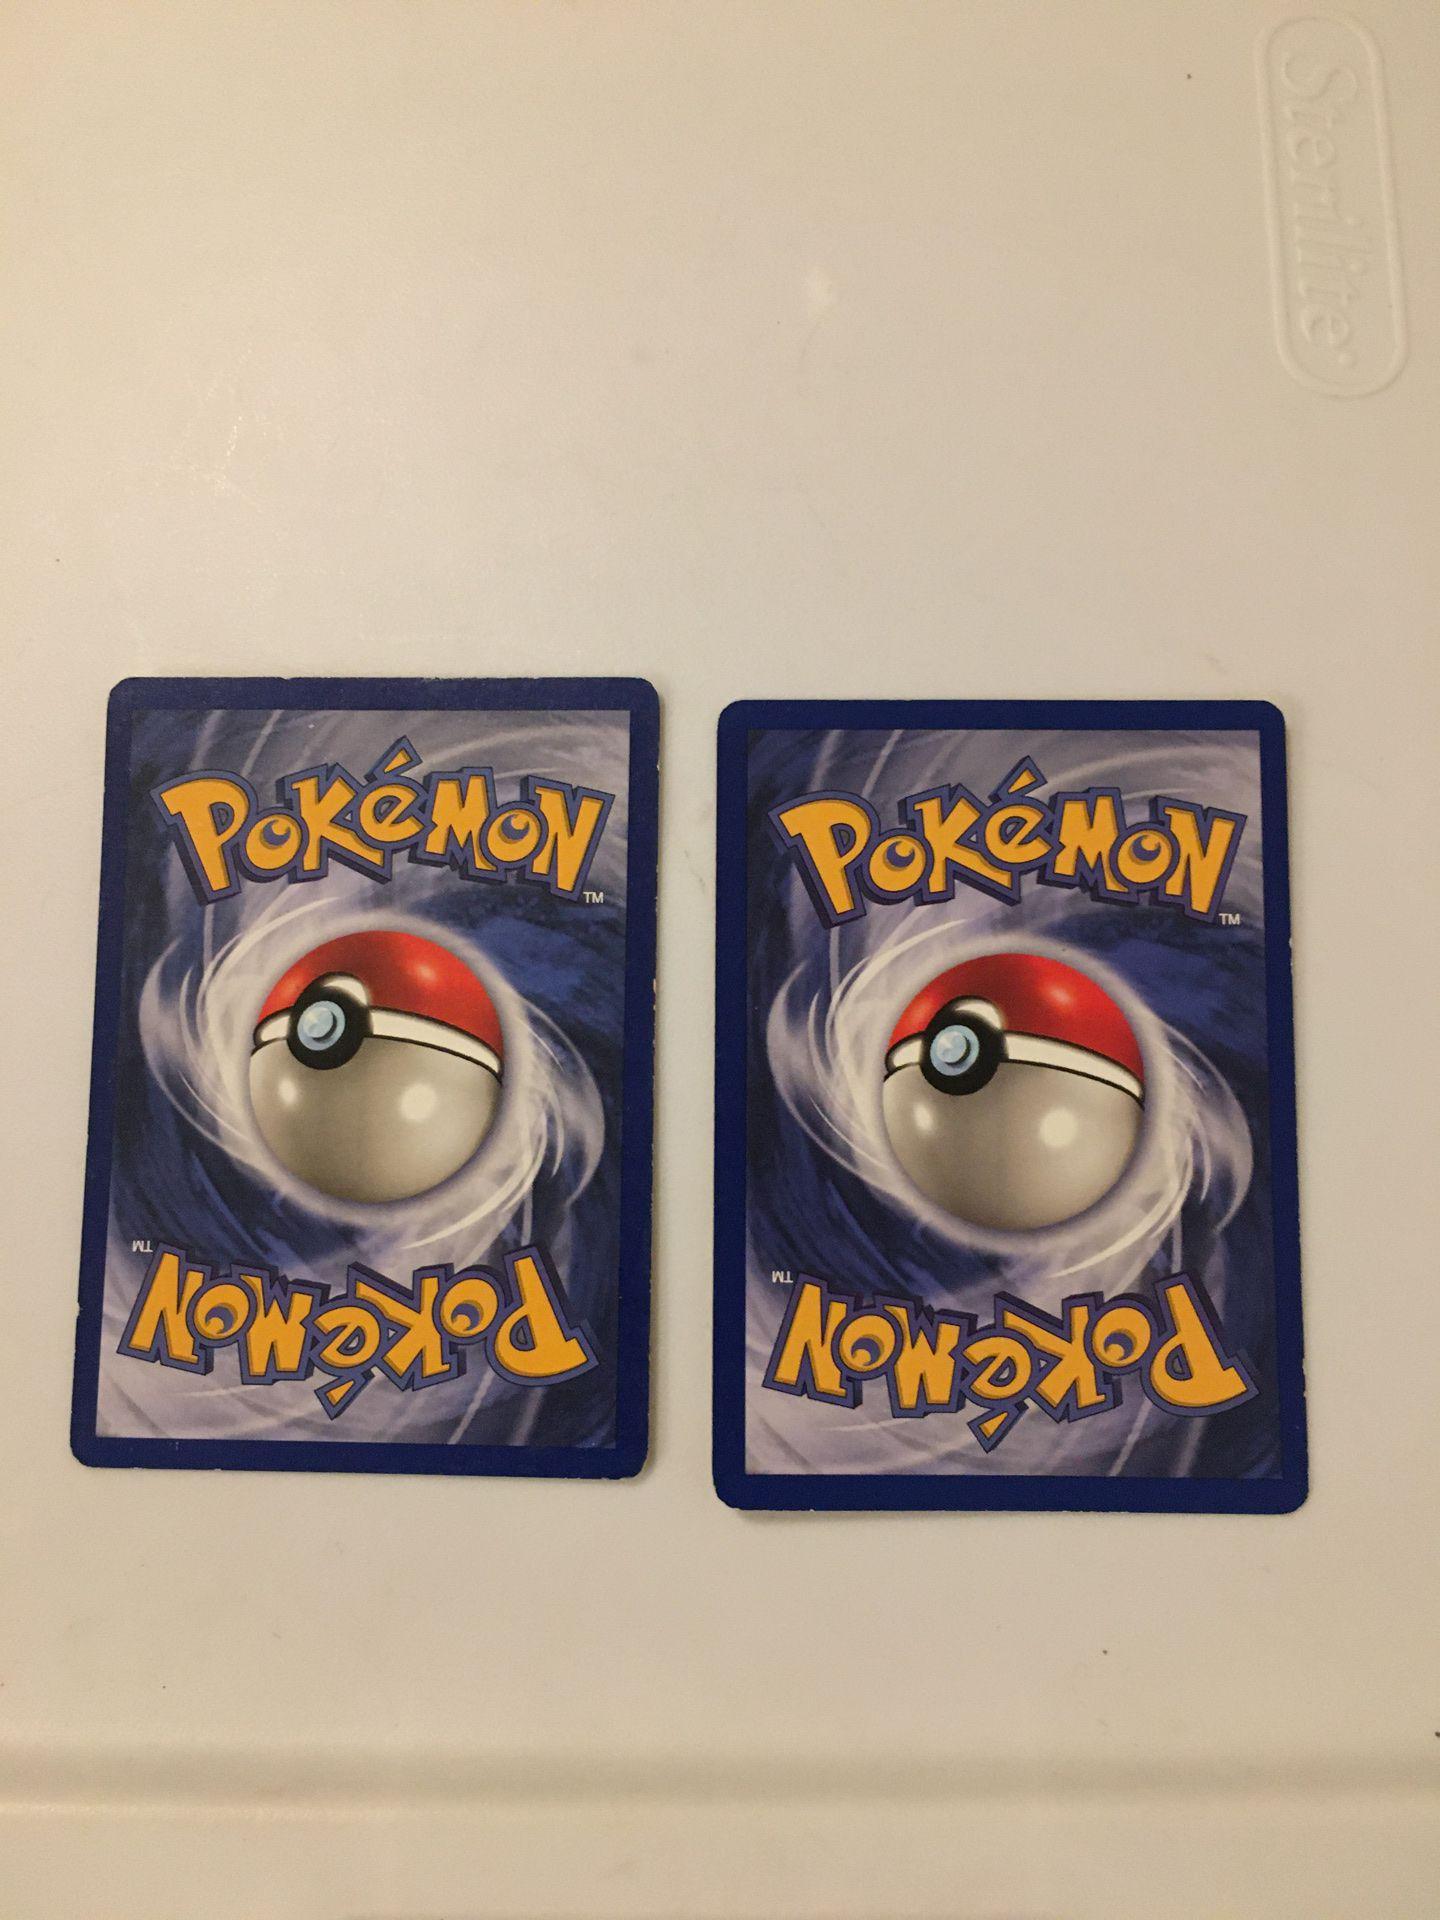 Very rare pokemon cards